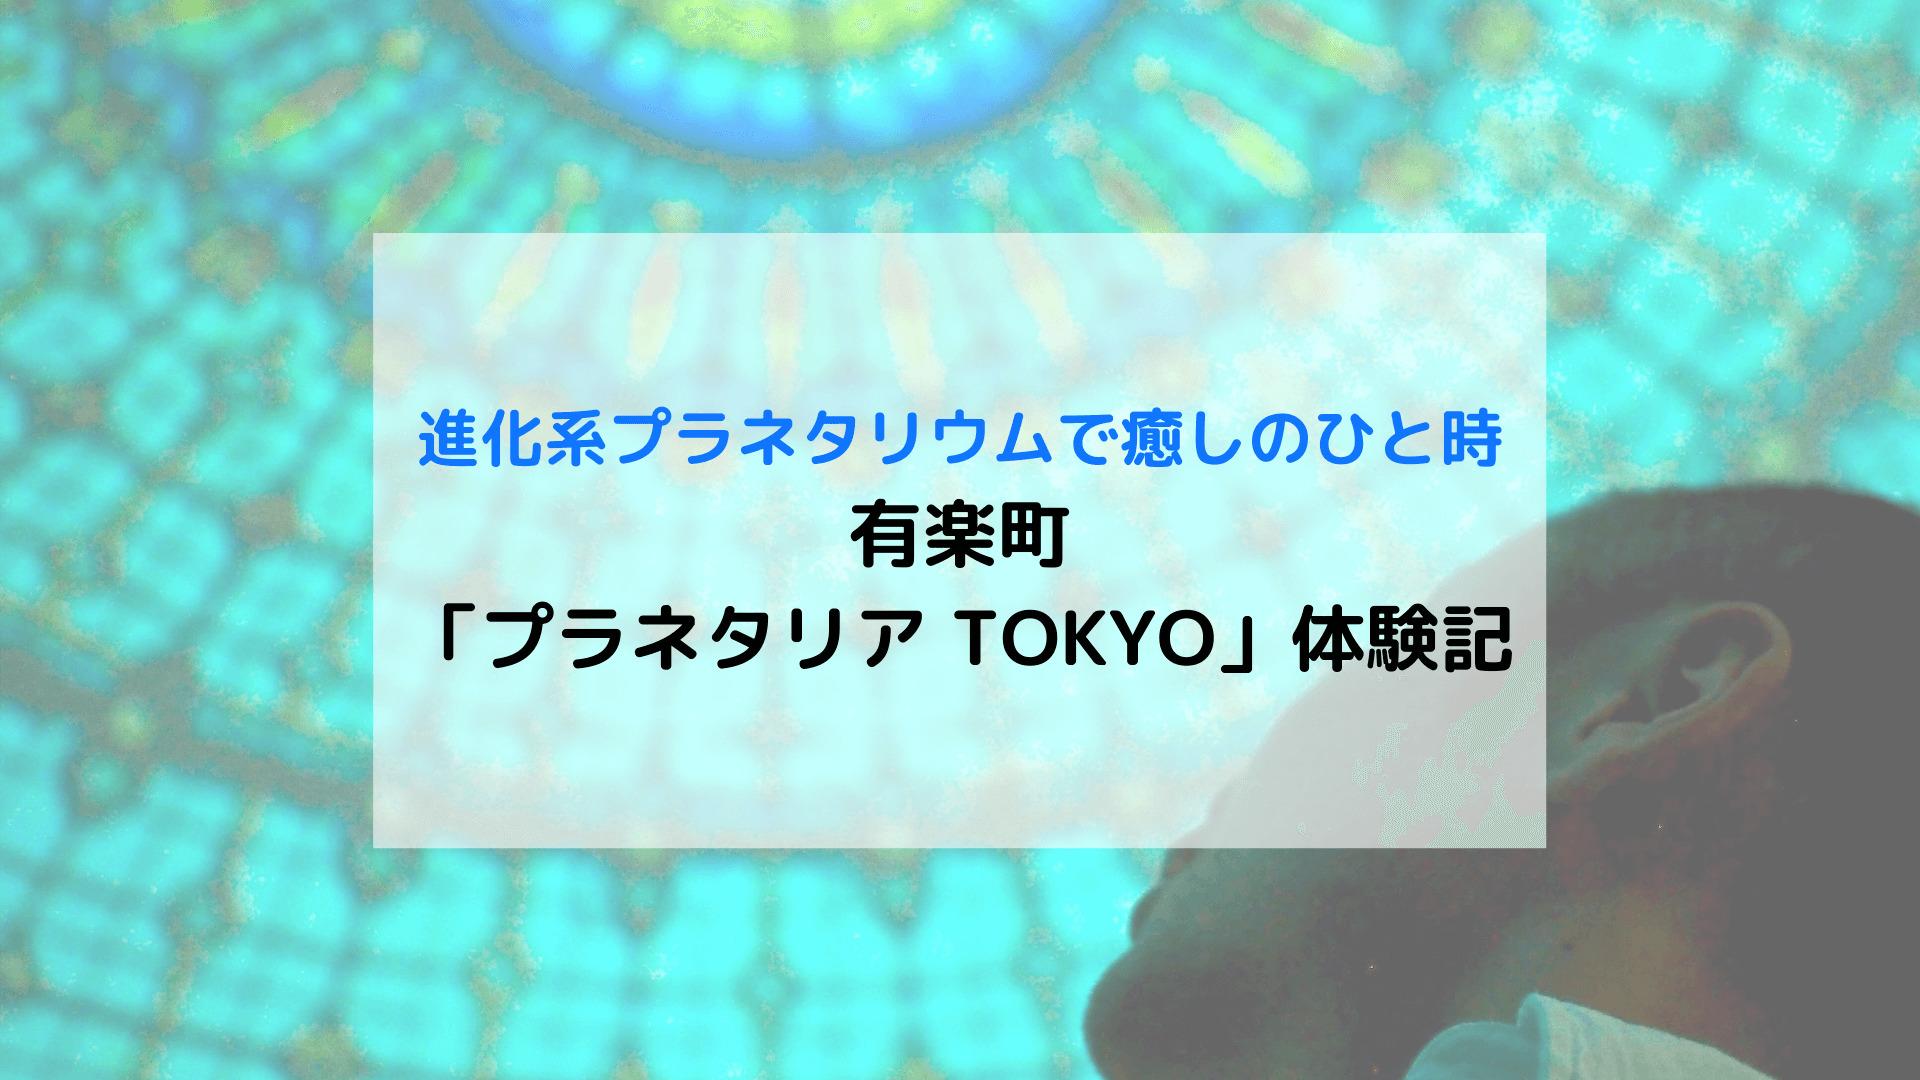 コニカミノルタ プラネタリア TOKYO 体験記